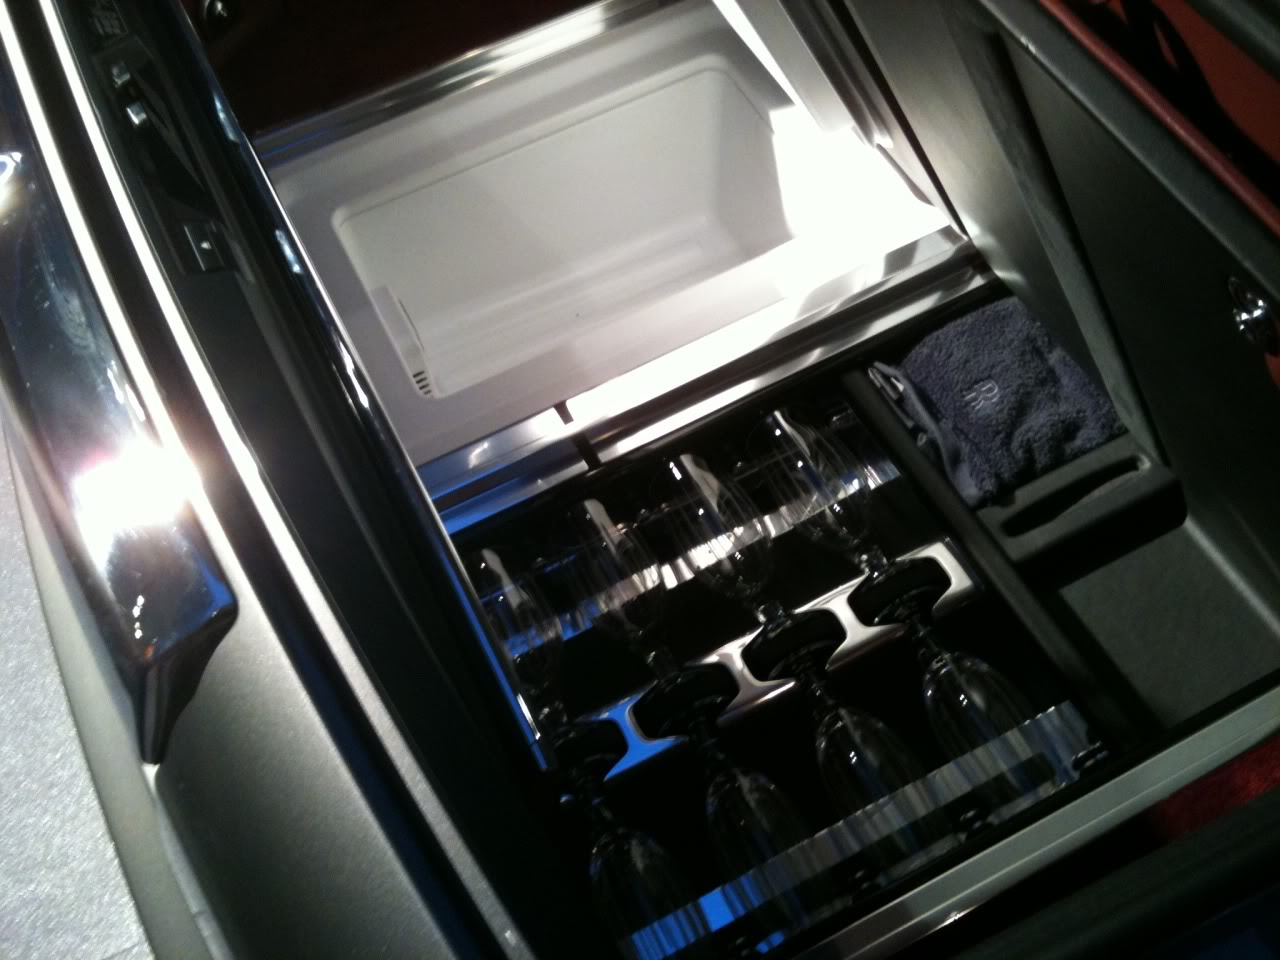 corum - CR Evénement Corum & Rolls-Royce à Bruxelles 25/11 - PHOTOS CORUM-EVENT-16